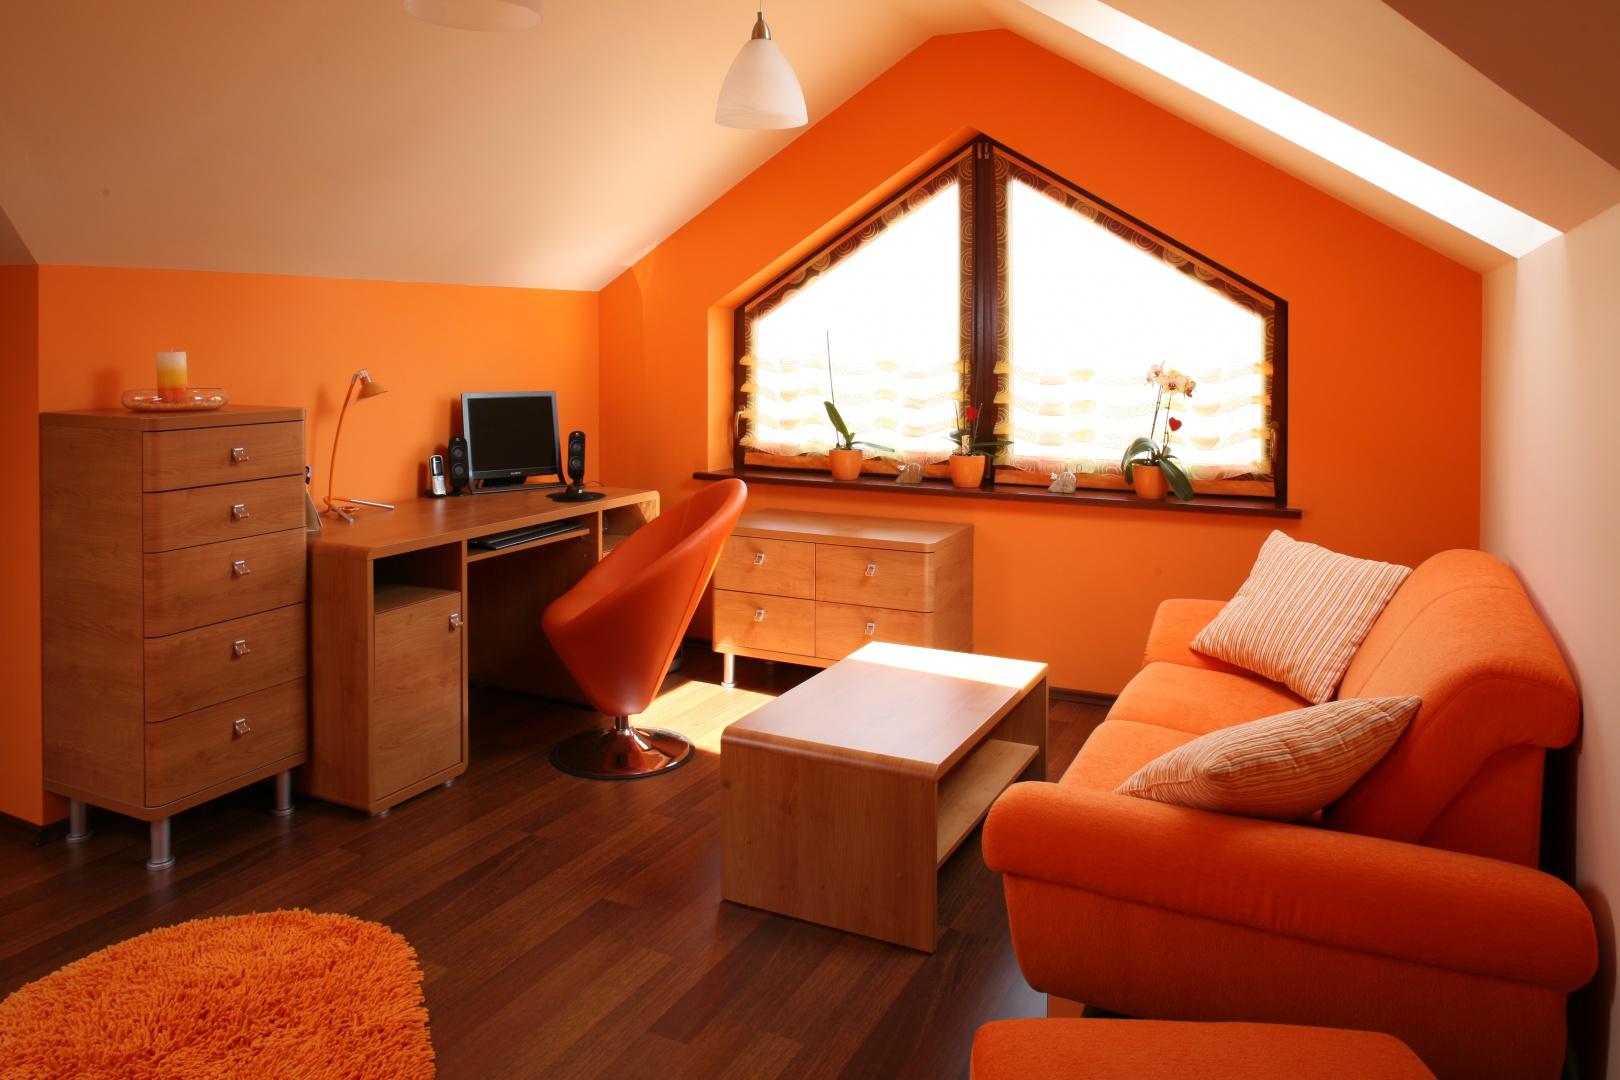 Pokój na poddaszu jest nie tylko przytulny, ale i bardzo optymistyczny. A wszystko za sprawą wszechobecnego koloru pomarańczowego. Fot. Bartosz Jarosz.